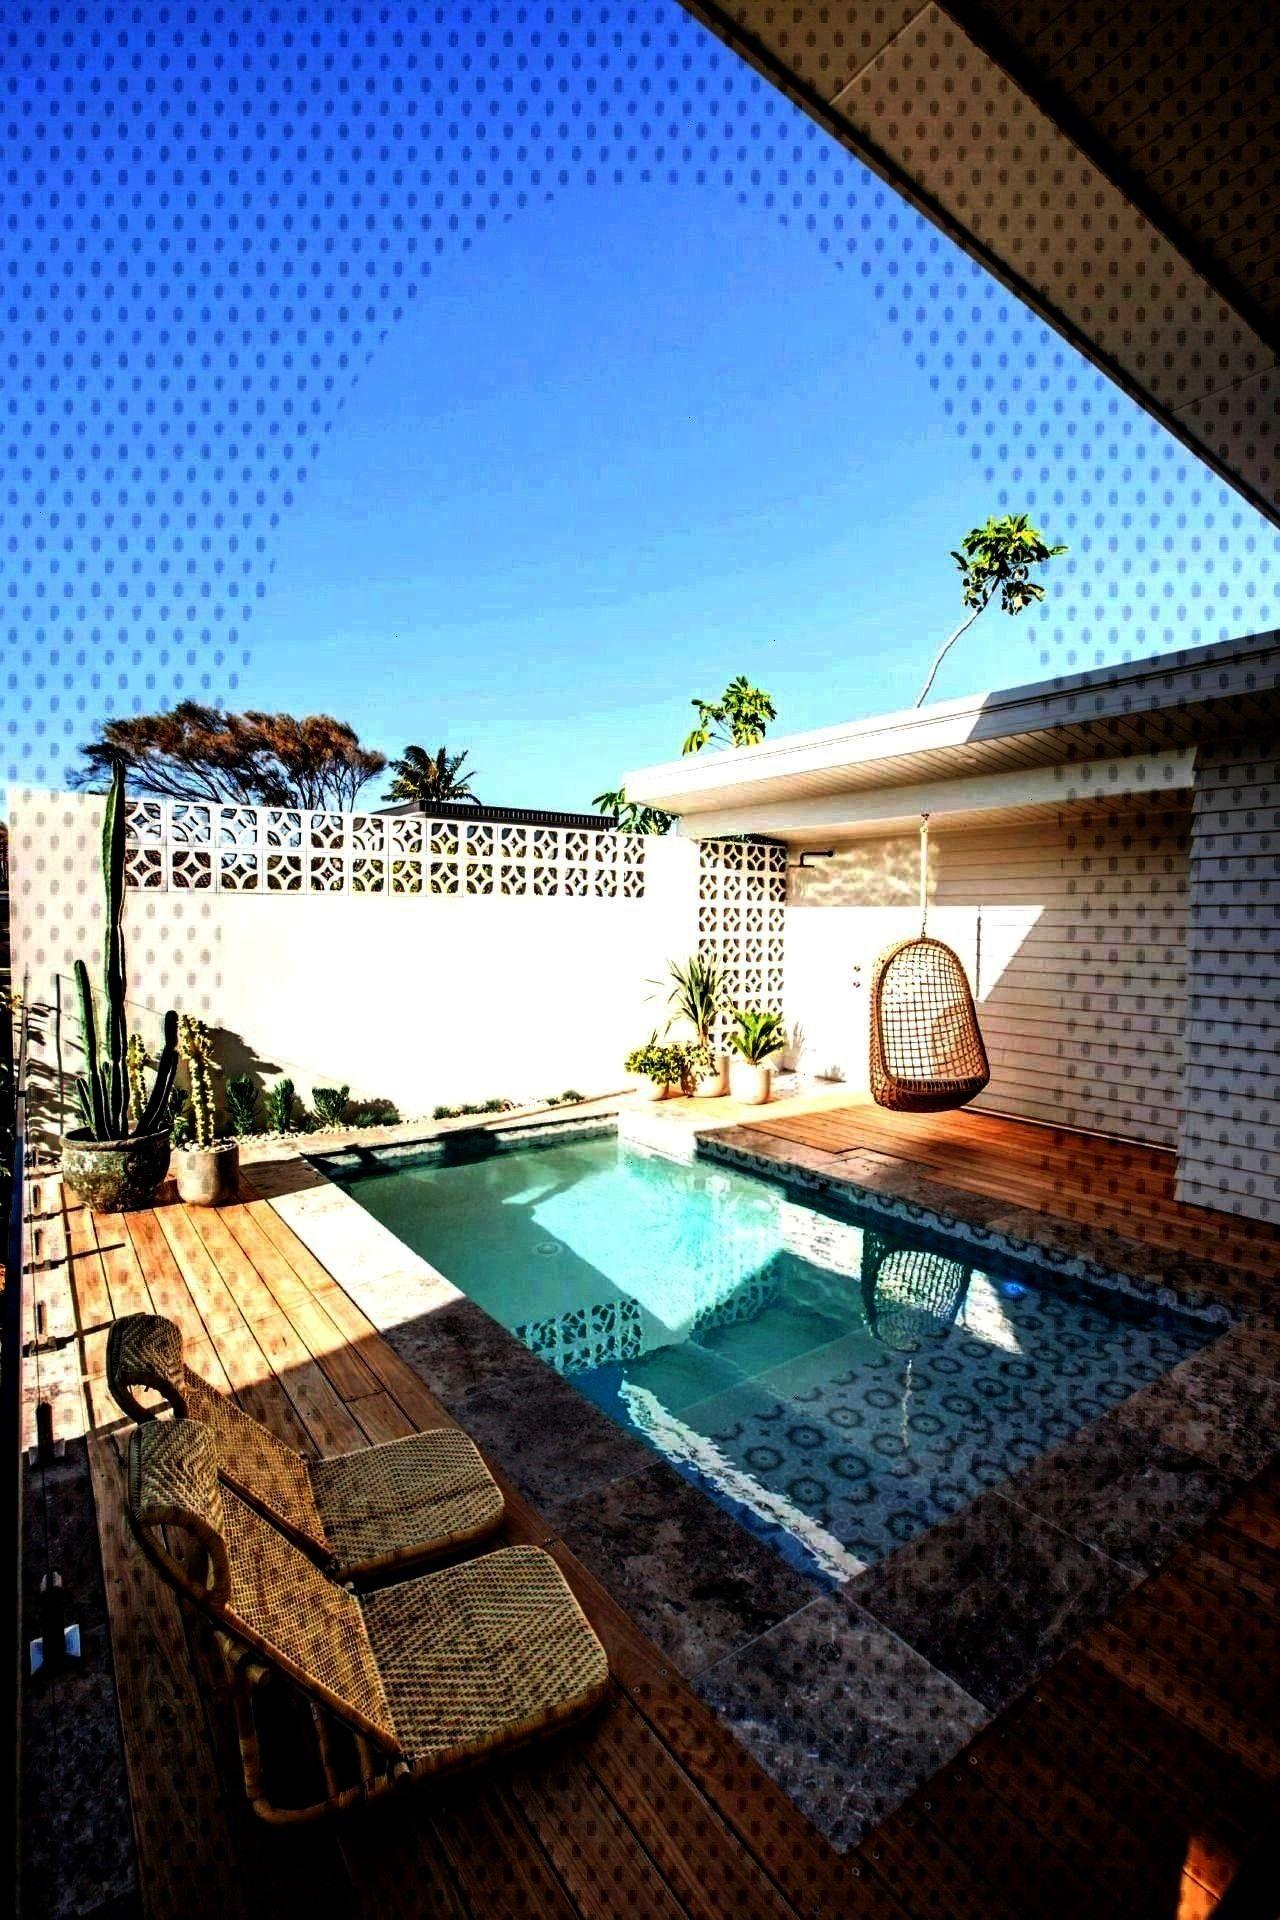 Plunge pool,   Endless Ocean View, Breathtaking Sunrises, Luxury Home in Palmas del MaPlunge pool,